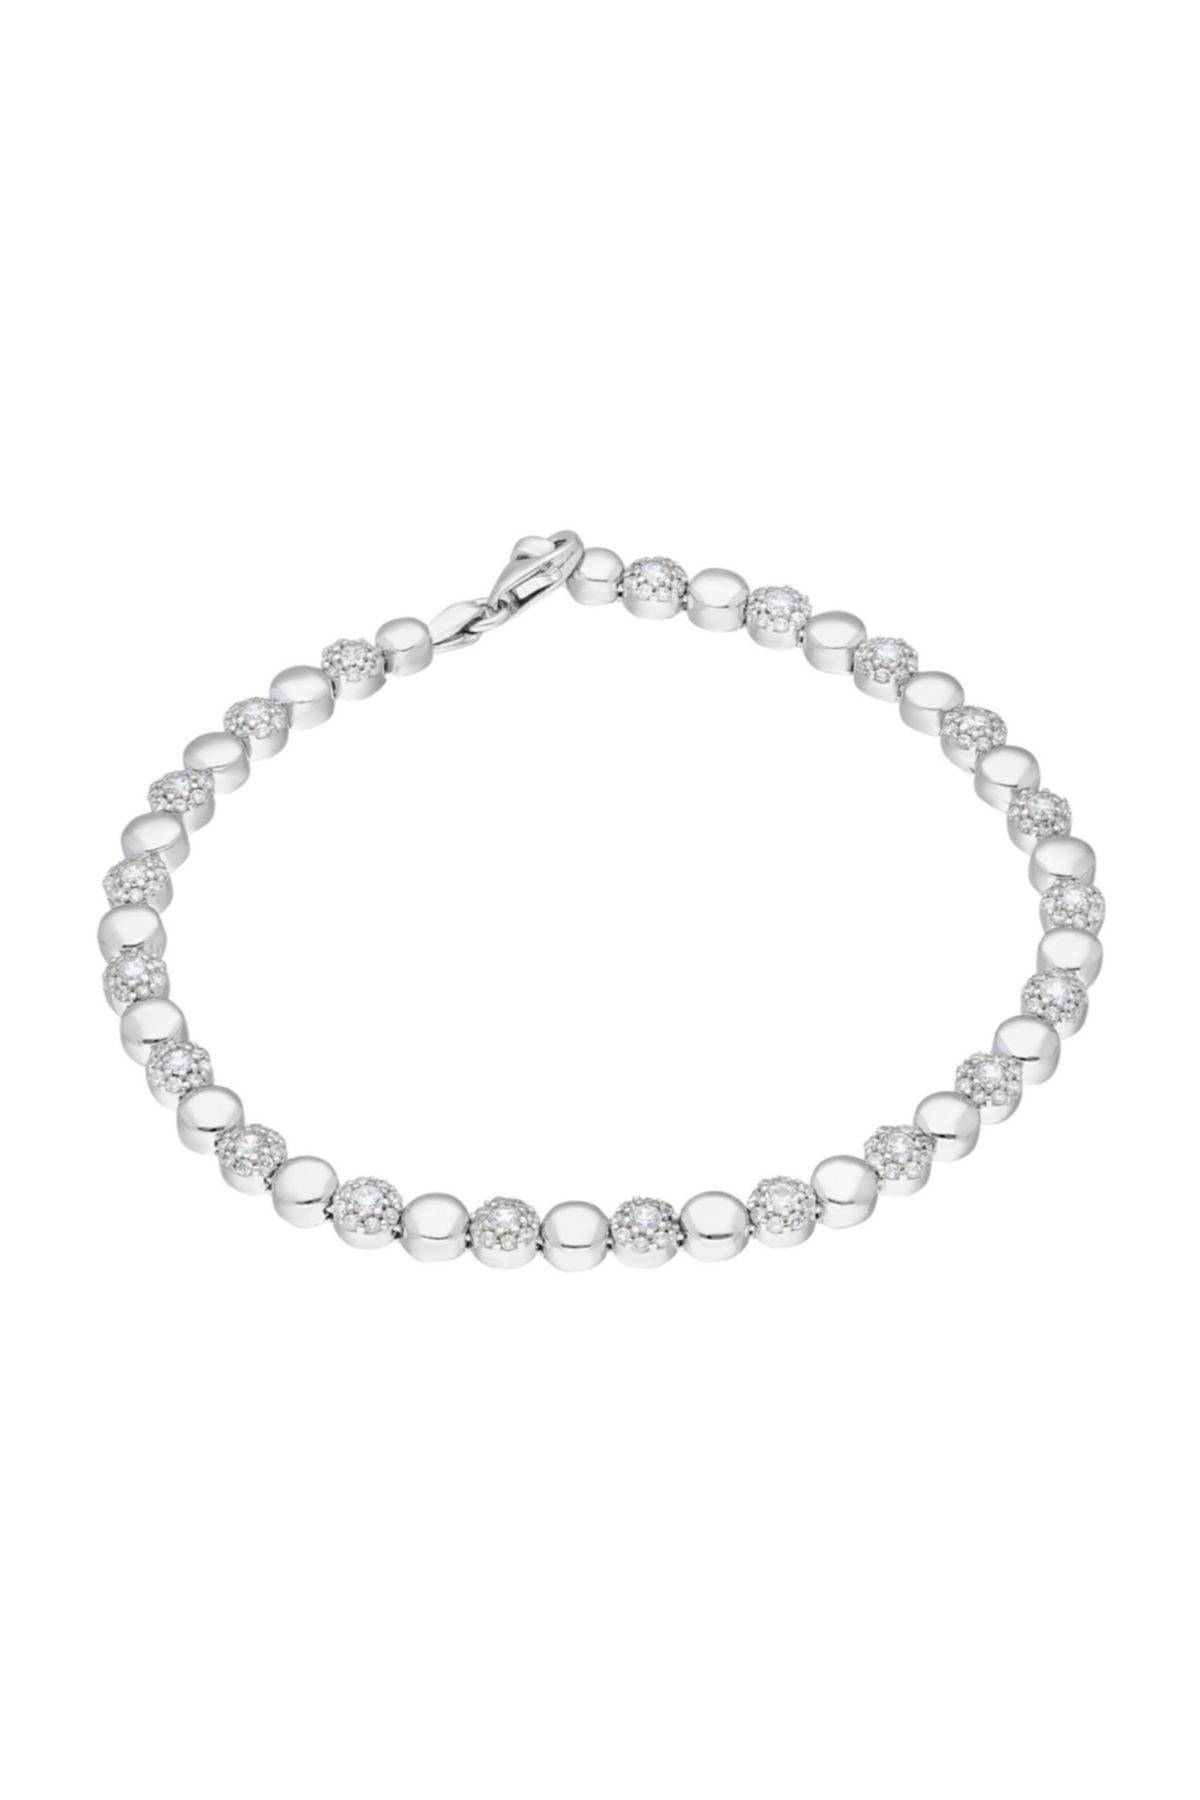 Chavin Su Yolu Halkalar Pırlanta Montür Taşlı Gümüş Bileklik Ee43 1